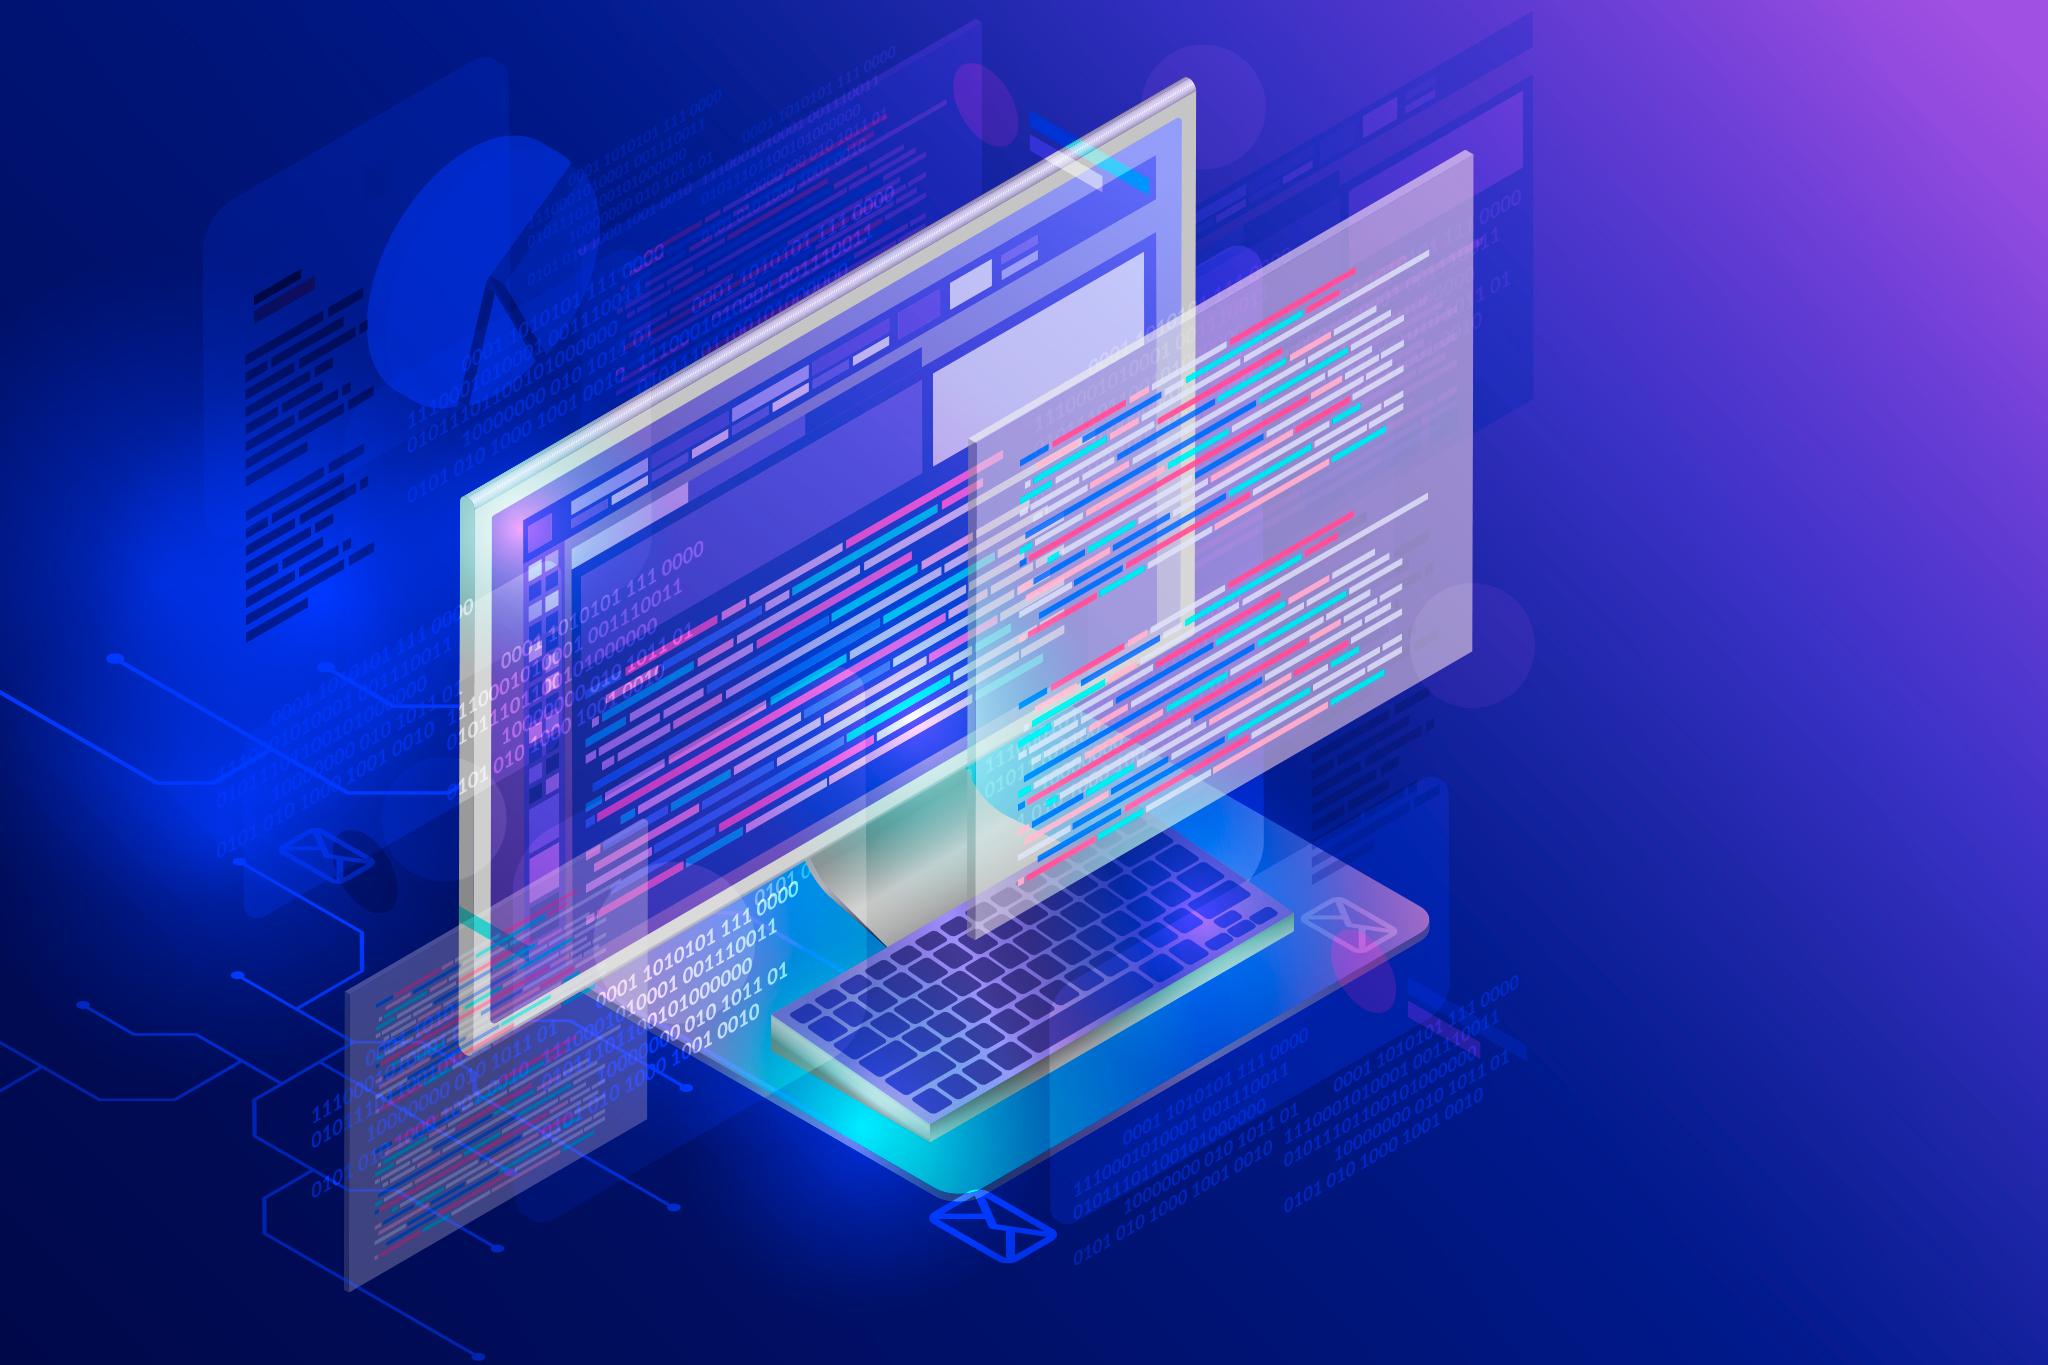 FERNWARTUNG (macOS/Windows) - Gerade bei kleinen Fehlern oder Fragen können wir Ihnen rasch mit einer Fernwartung helfen. Dafür schalten wir uns, natürlich nur mit Ihrer Erlaubnis, auf Ihren PC und die Hilfe beginnt. Anschließend ist, zur Wahrung Ihrer Privatsphäre, eine weitere Verbindung ohne Ihr Wissen nicht möglich. Die Fernwartung funktioniert von überall aus – weltweit.